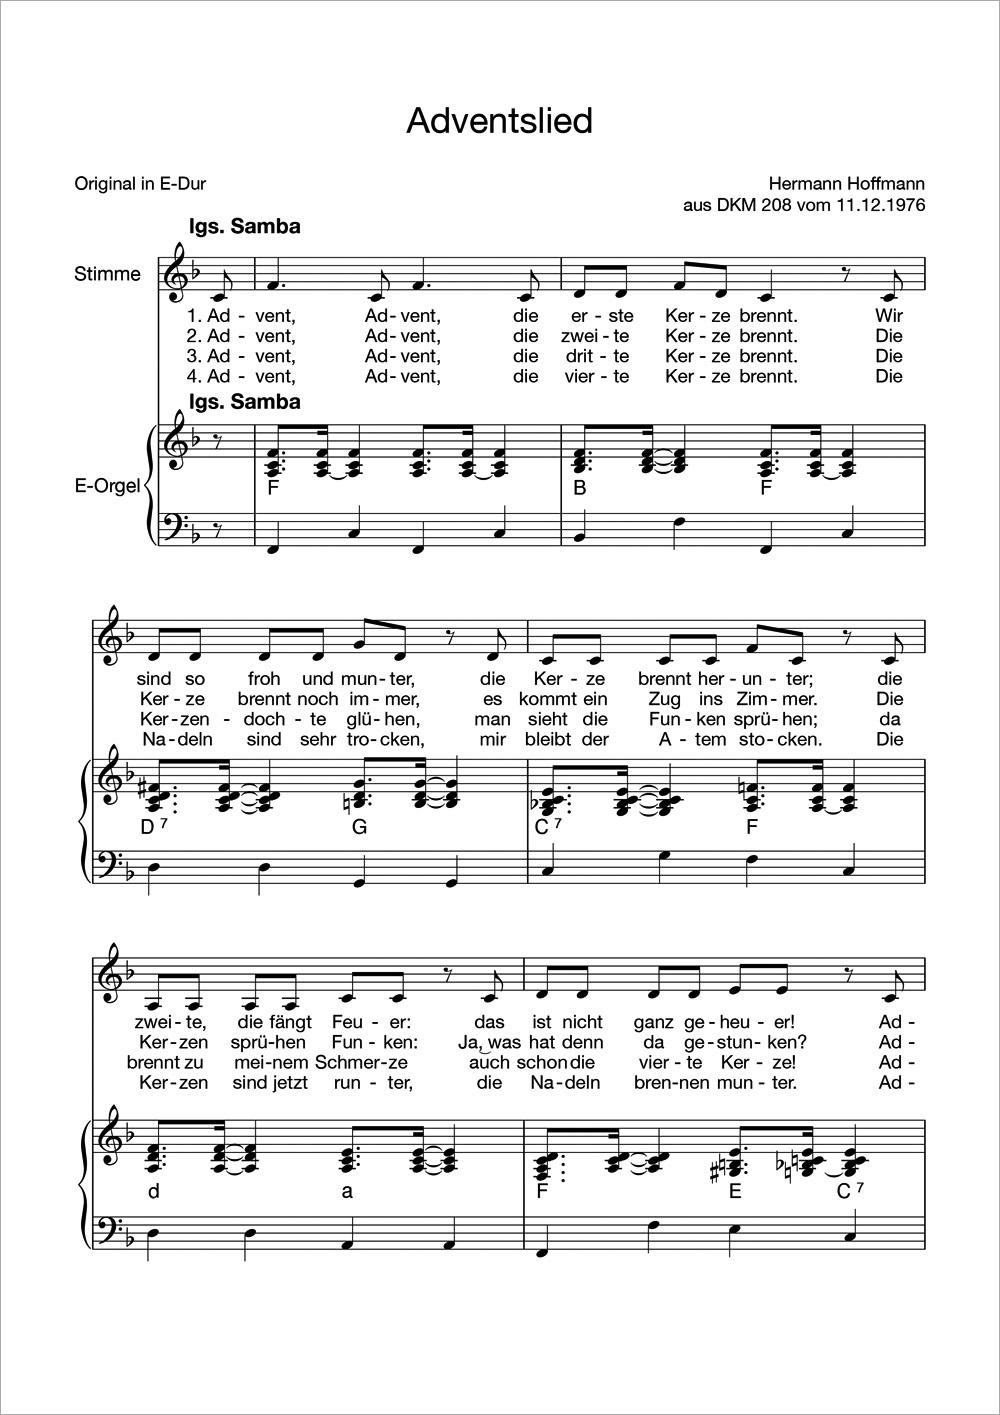 Lieder Im Advent